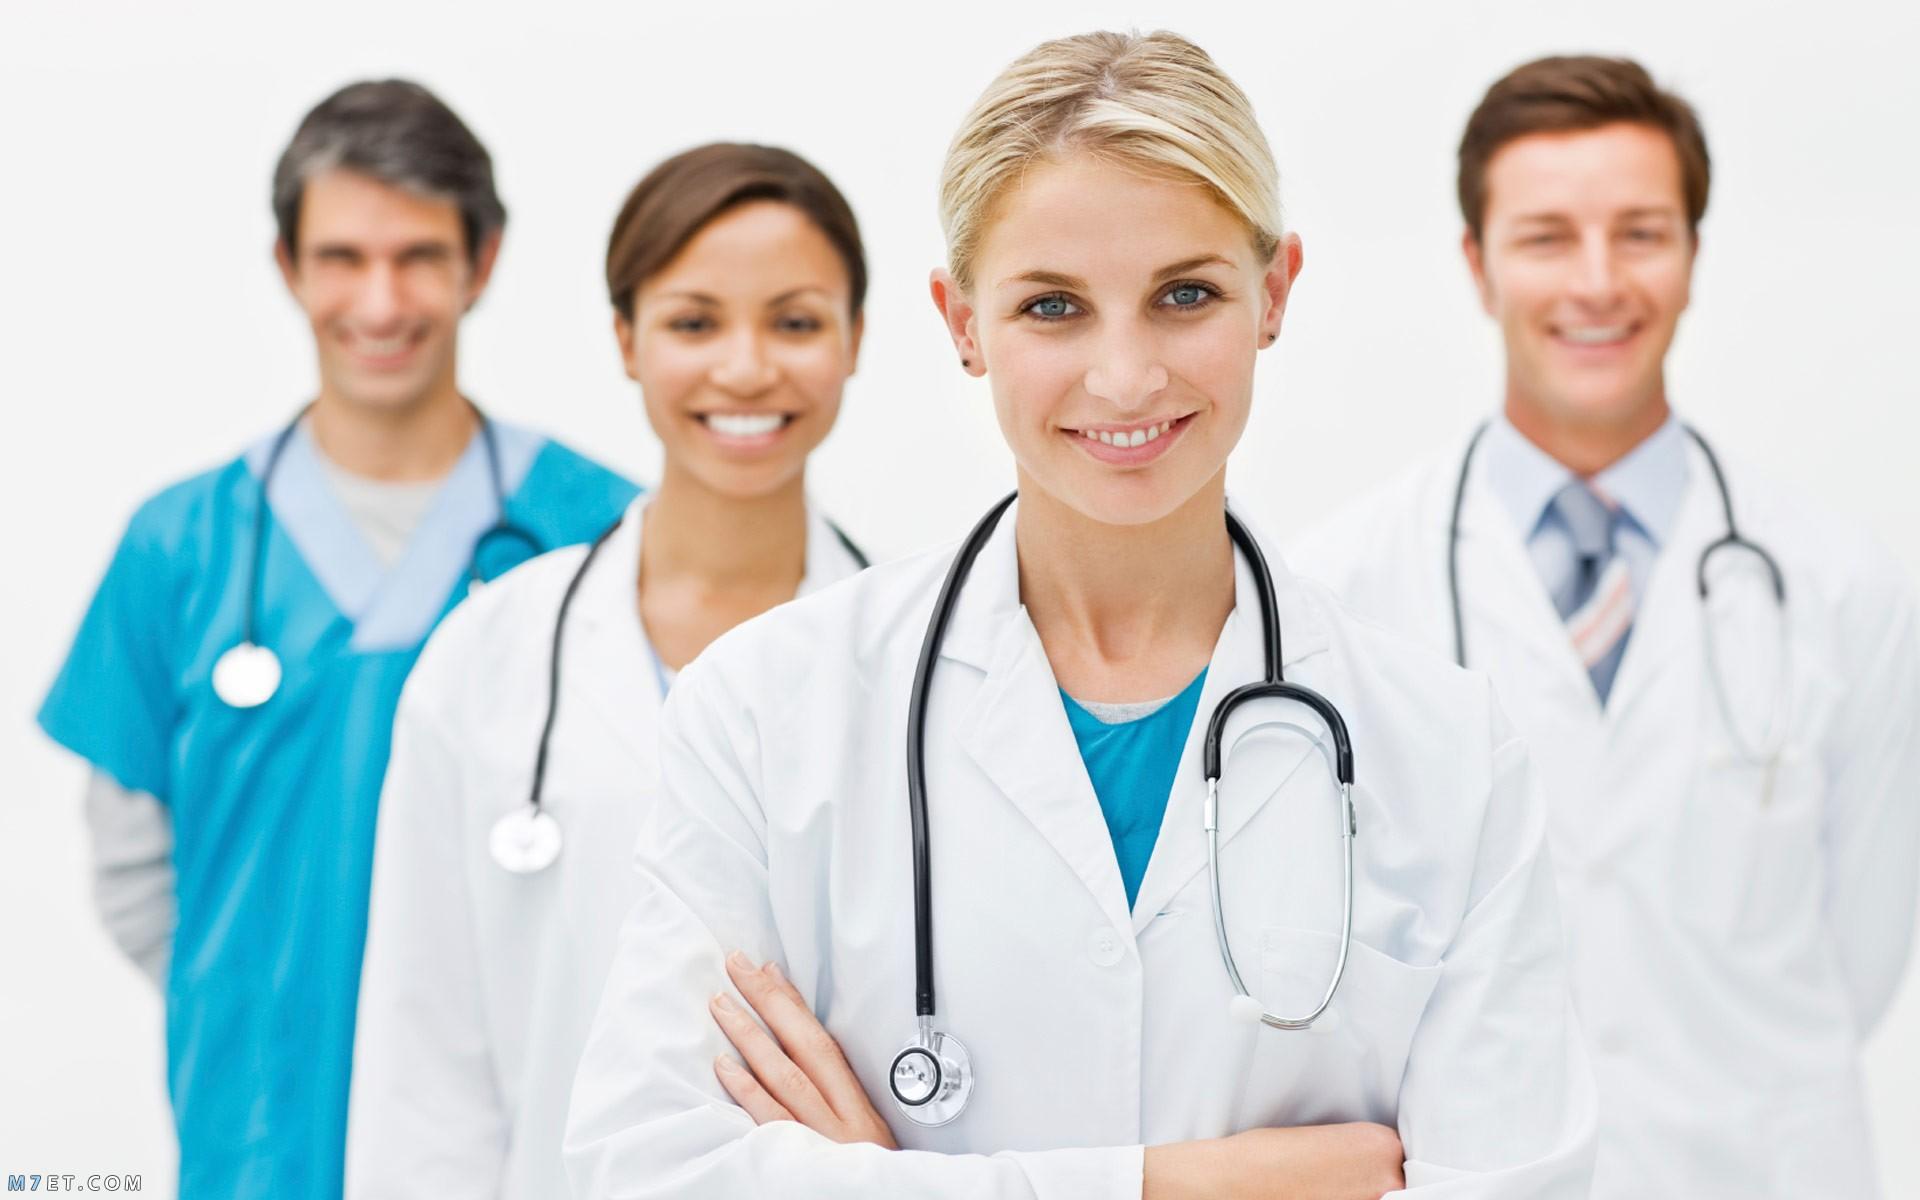 مفهوم الطب لغة واصطلاحًا